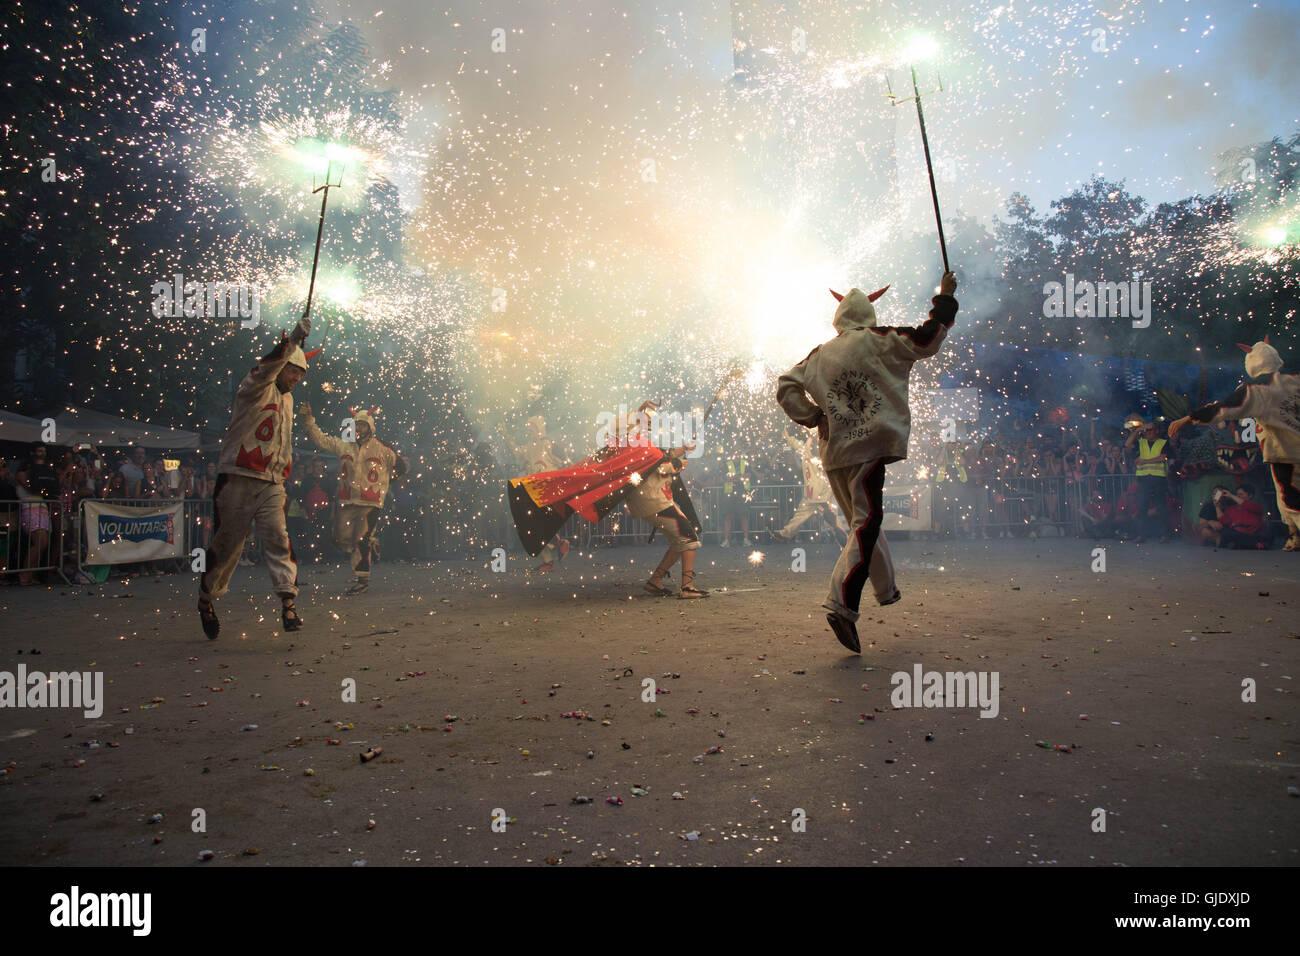 Gracia, Barcellona, Spagna. Il 15 agosto, 2016. La Festa Gracia - esecutori in costume ballando con razzi di square Immagini Stock